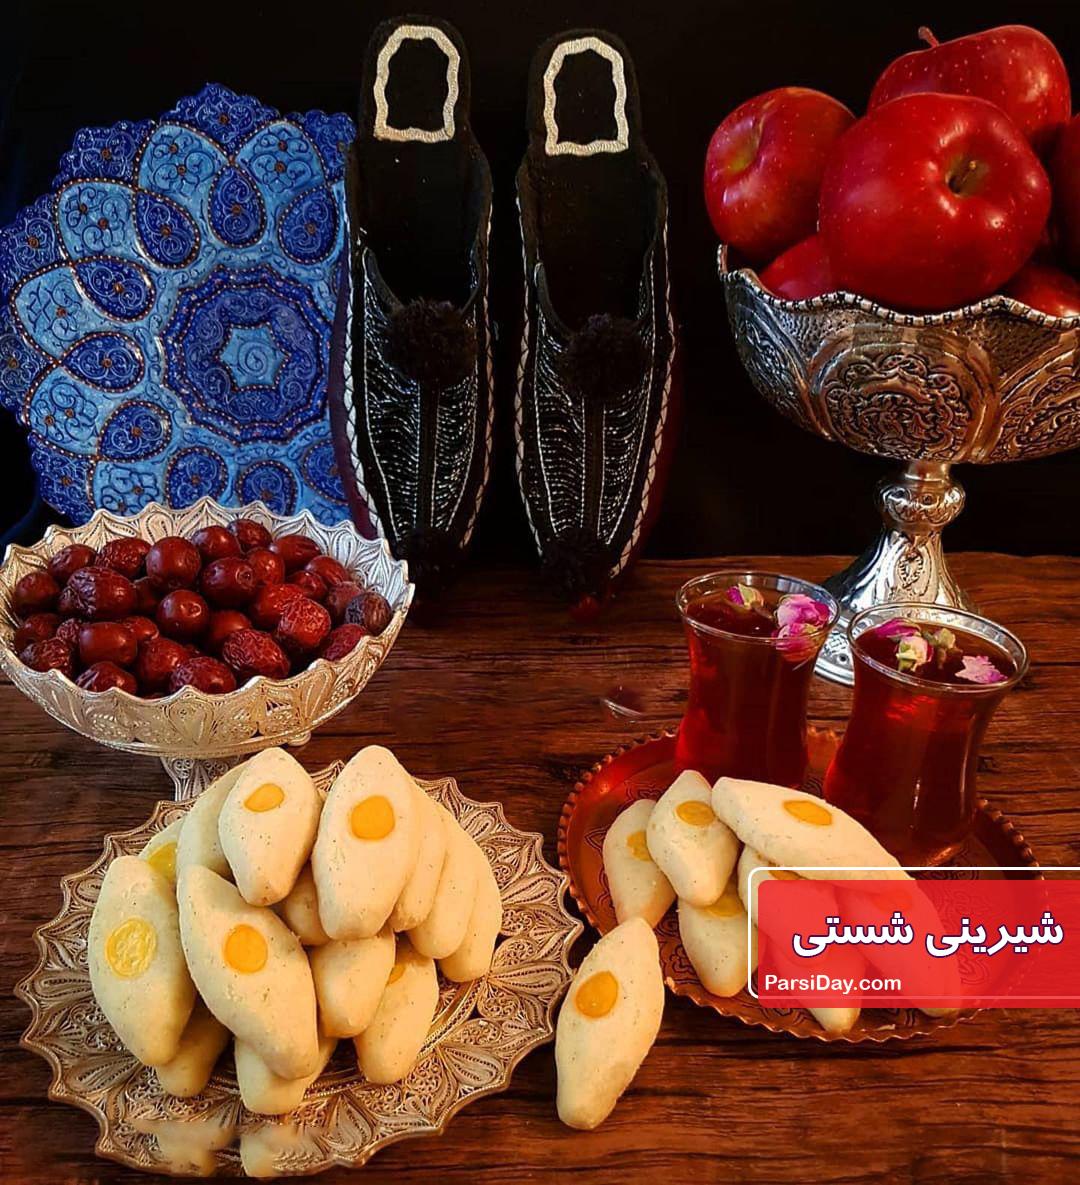 طرز تهیه شیرینی شستی زنجان